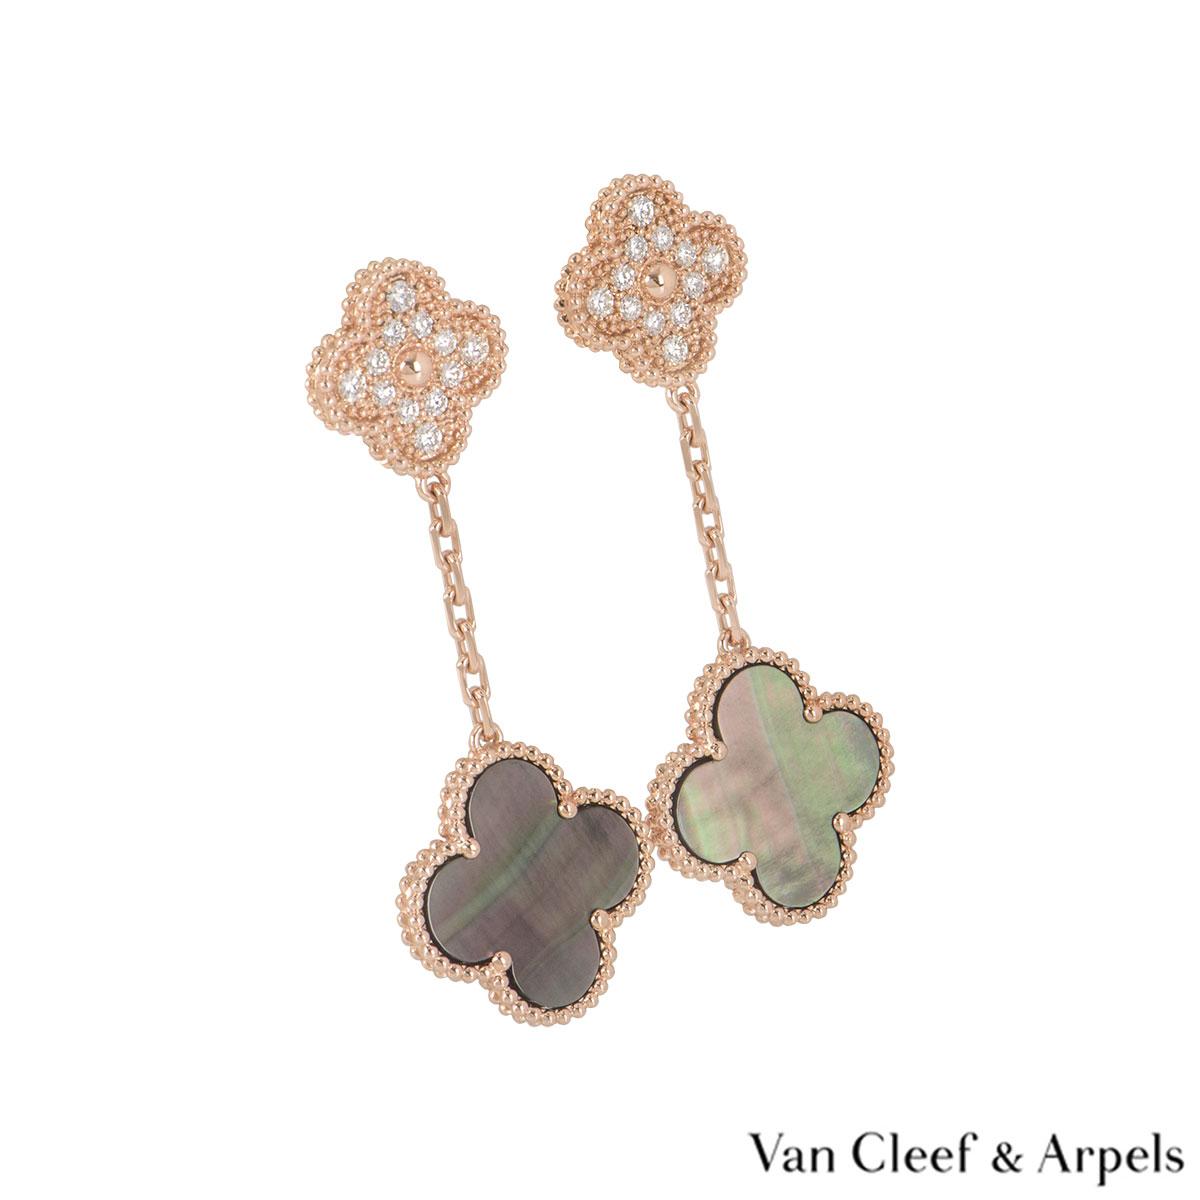 Van Cleef & Arpels Rose Gold Diamond Magic Alhambra Earrings